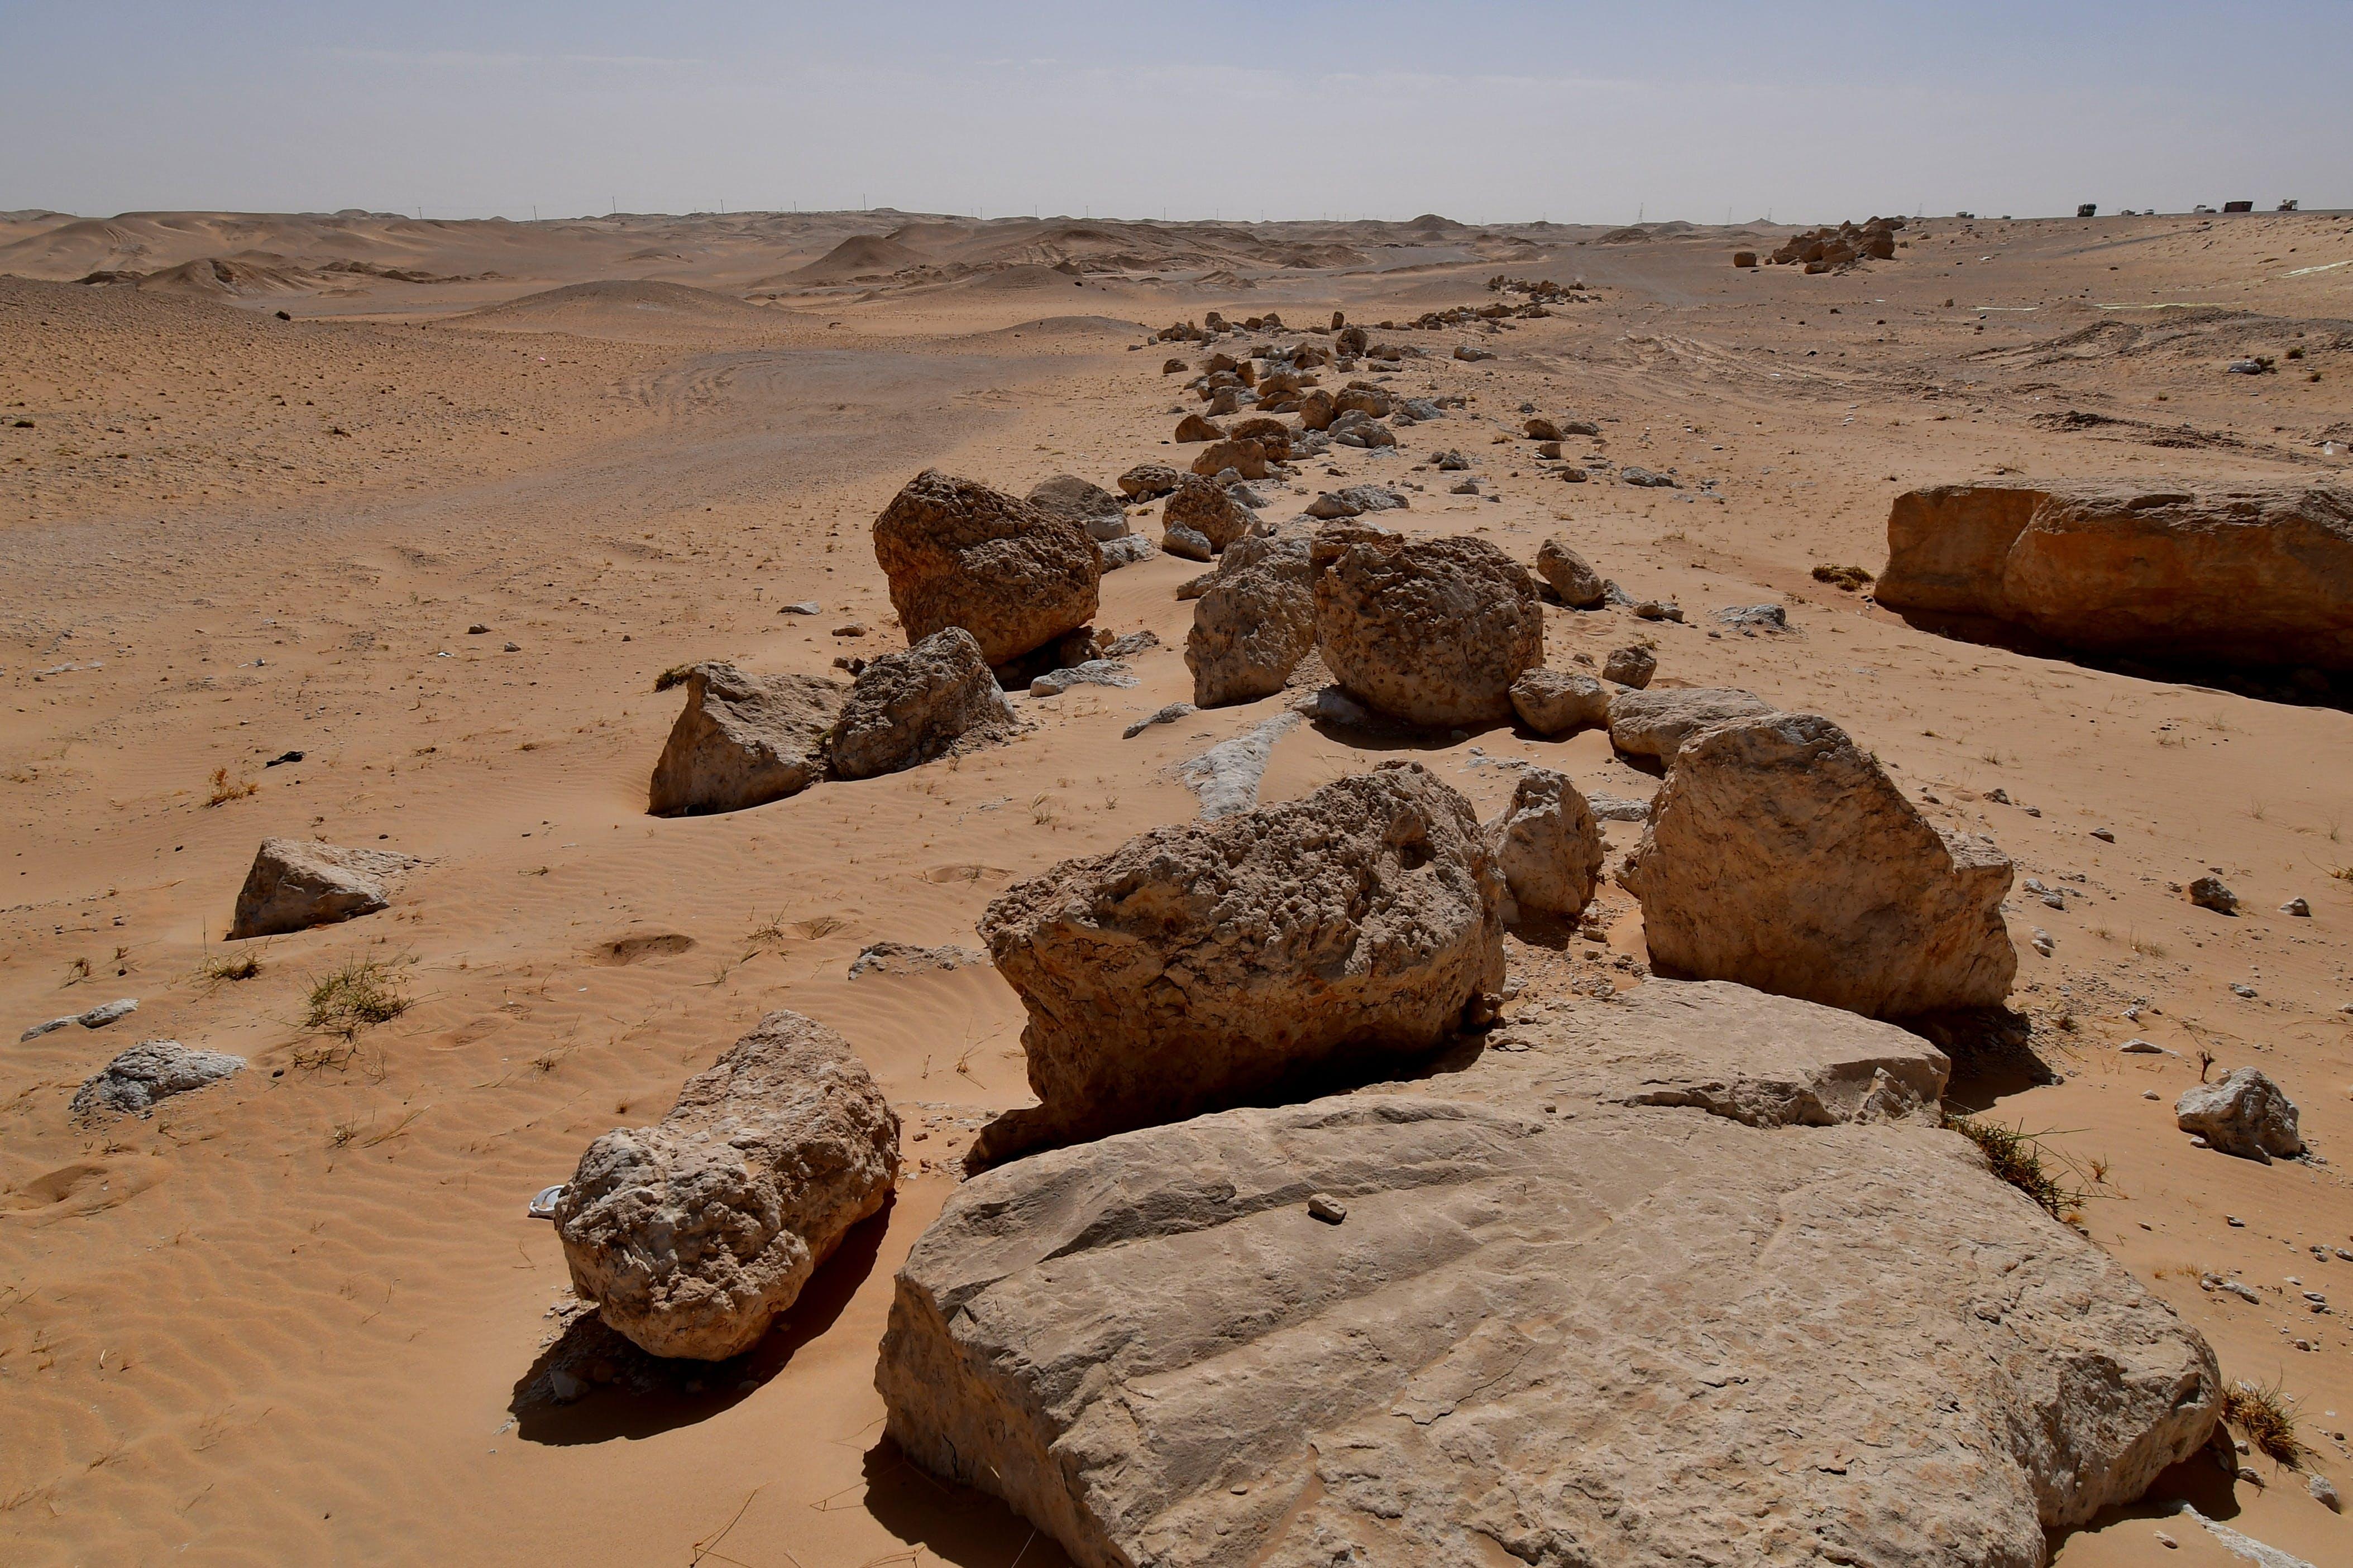 Fotos de stock gratuitas de Desierto, montaña rocosa